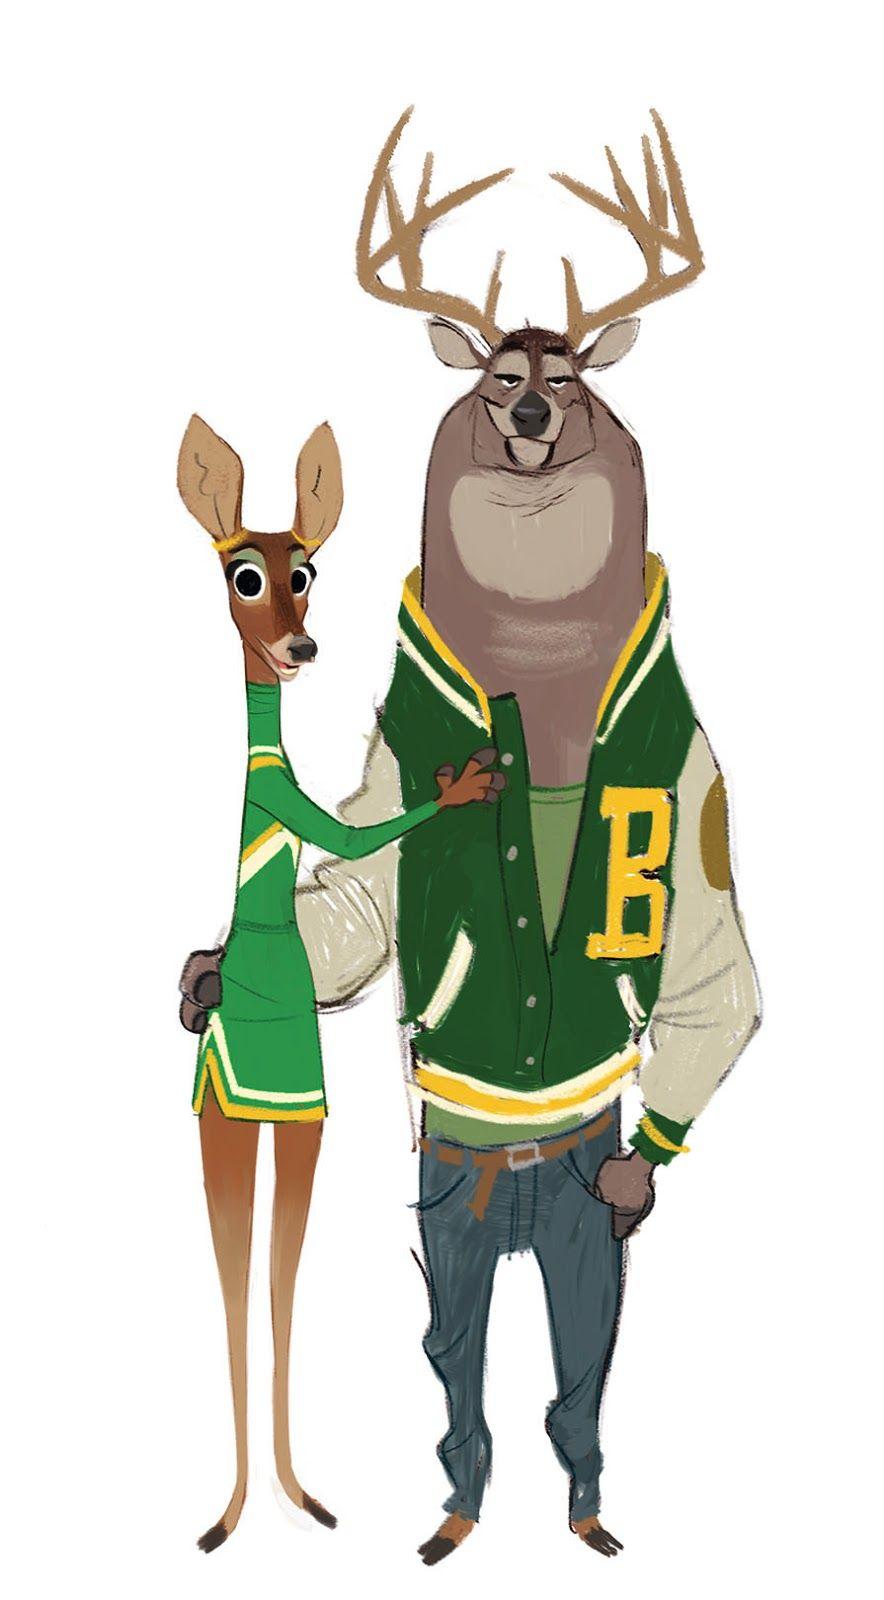 Cartoon Character Design Website : Zootopia � walt disney animation studios